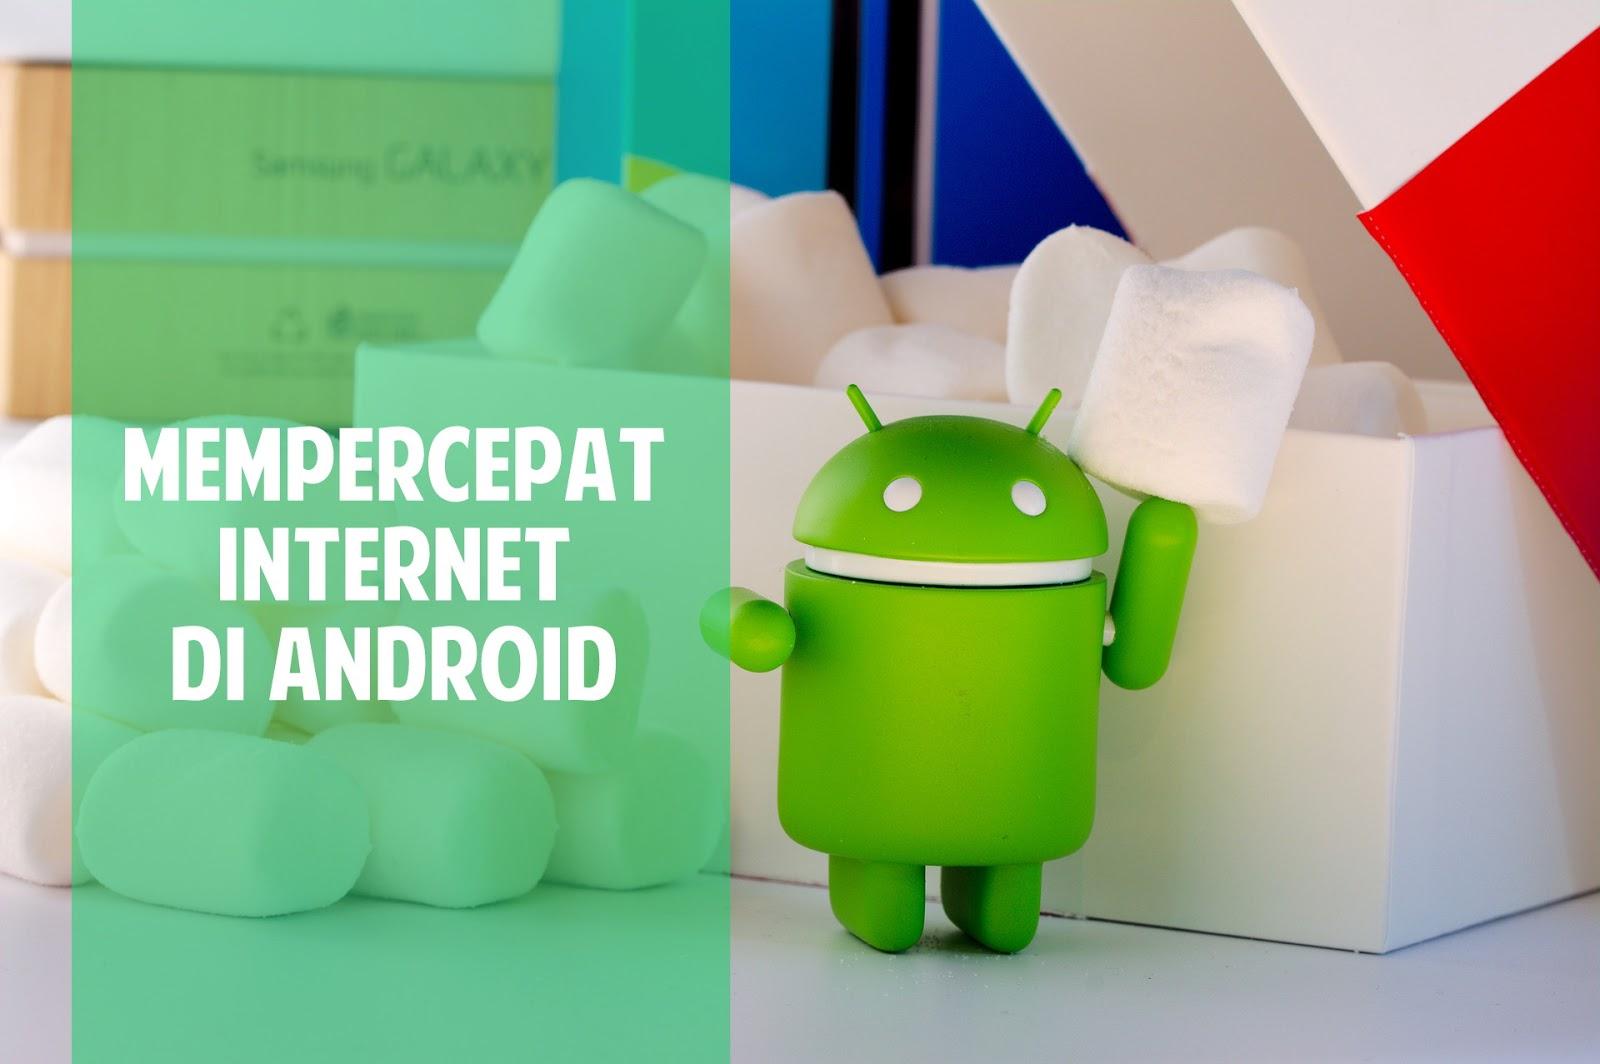 Trik untuk Mempercepat Internet di HP Android  4 Trik untuk Mempercepat Internet di HP Android